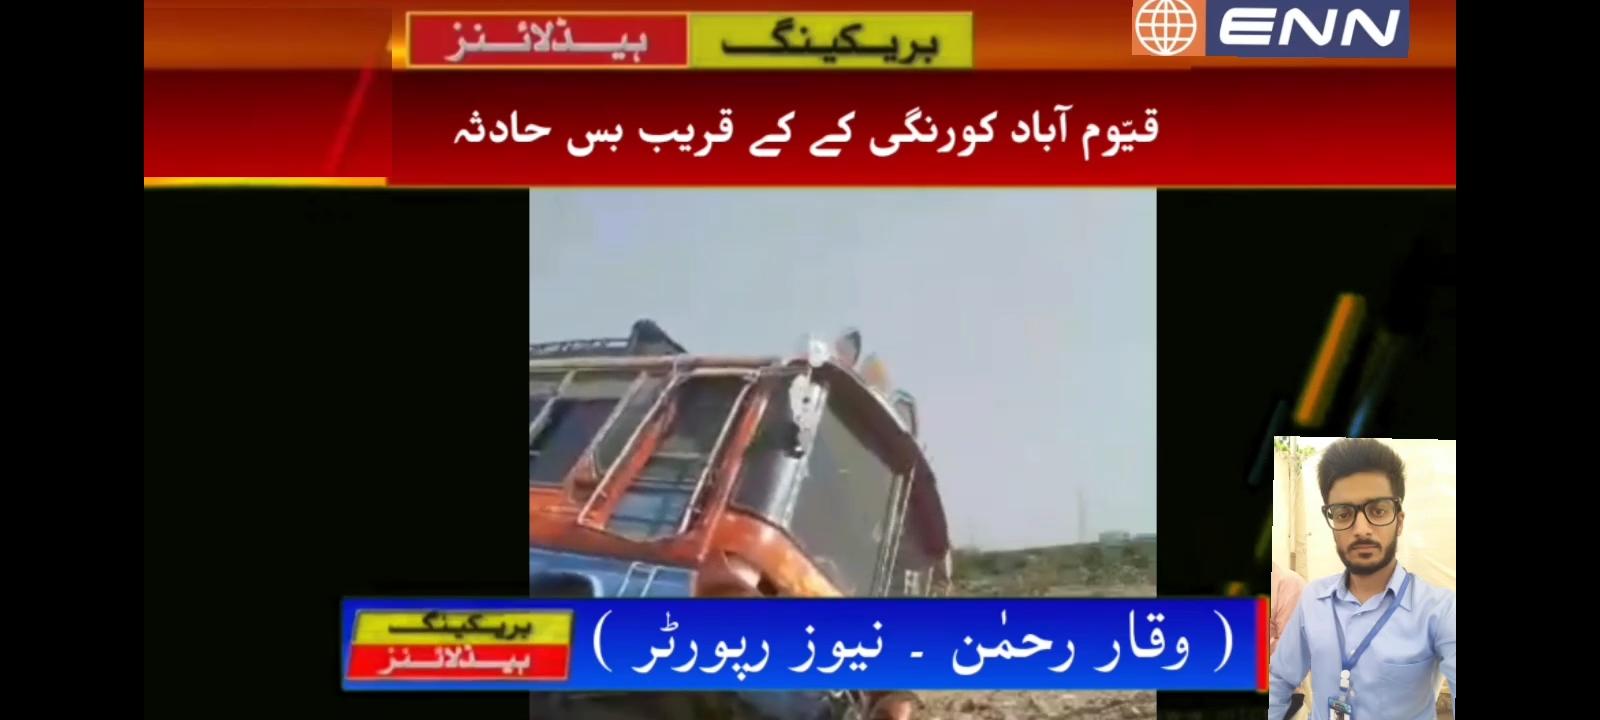 قیّوم آباد کورنگی کے کے قریب بس  حادثہ